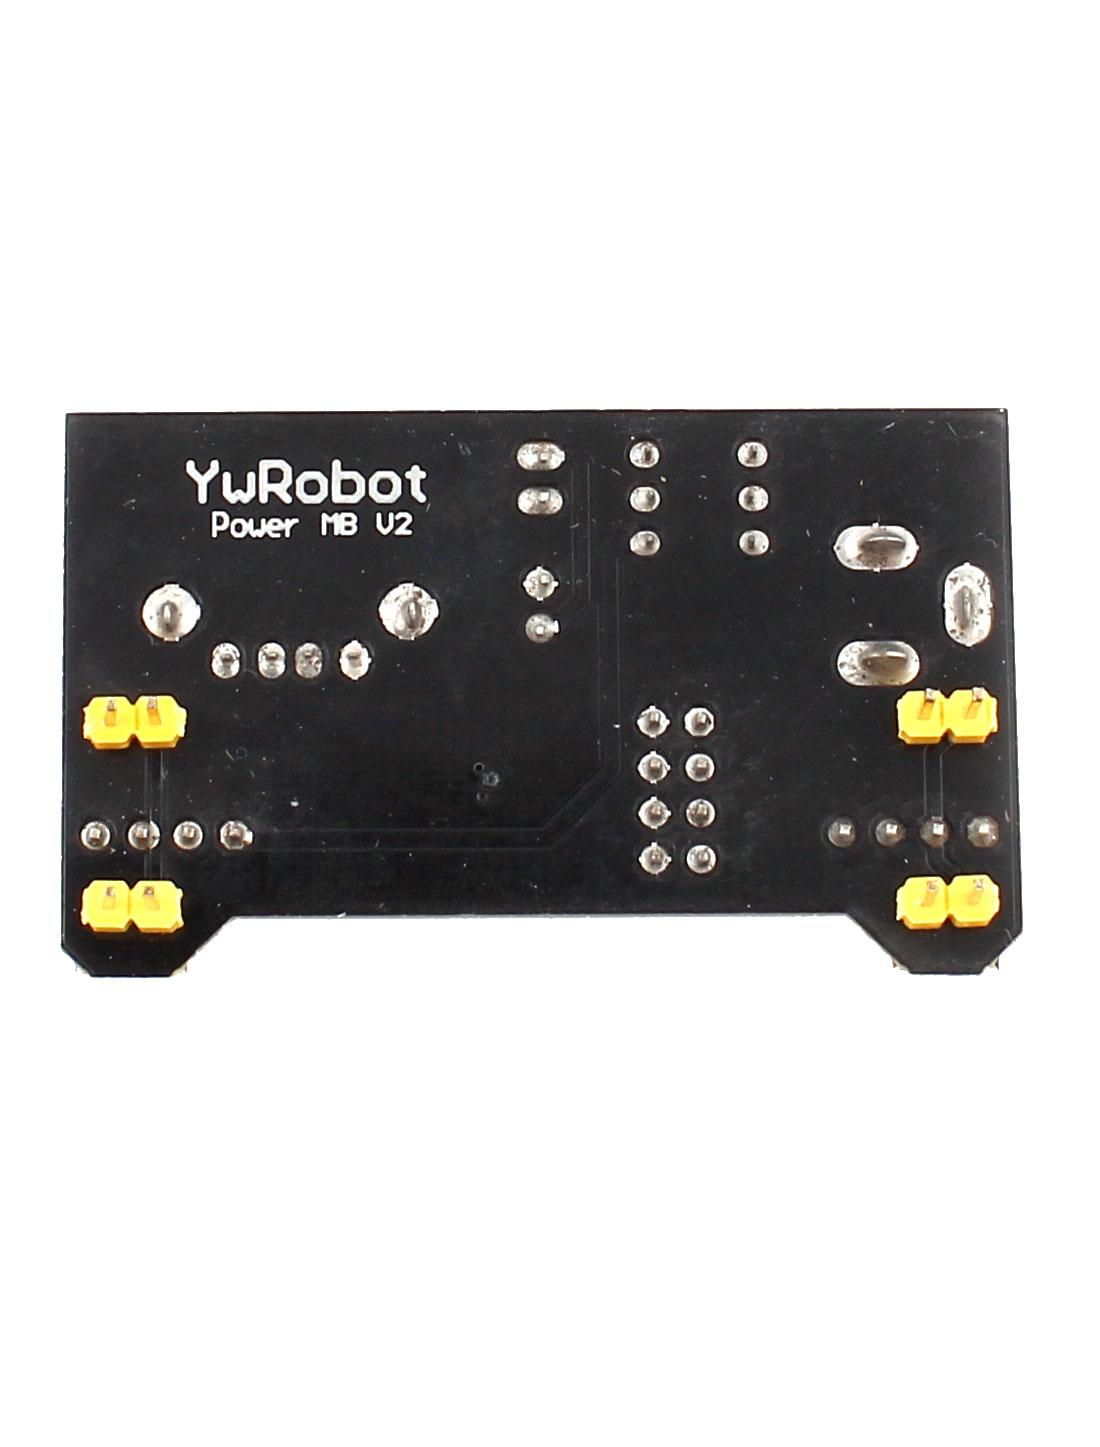 MB102-830Kontakte-PCB-Steckboard-Leiterplatten-Experimentierboard-Adapter